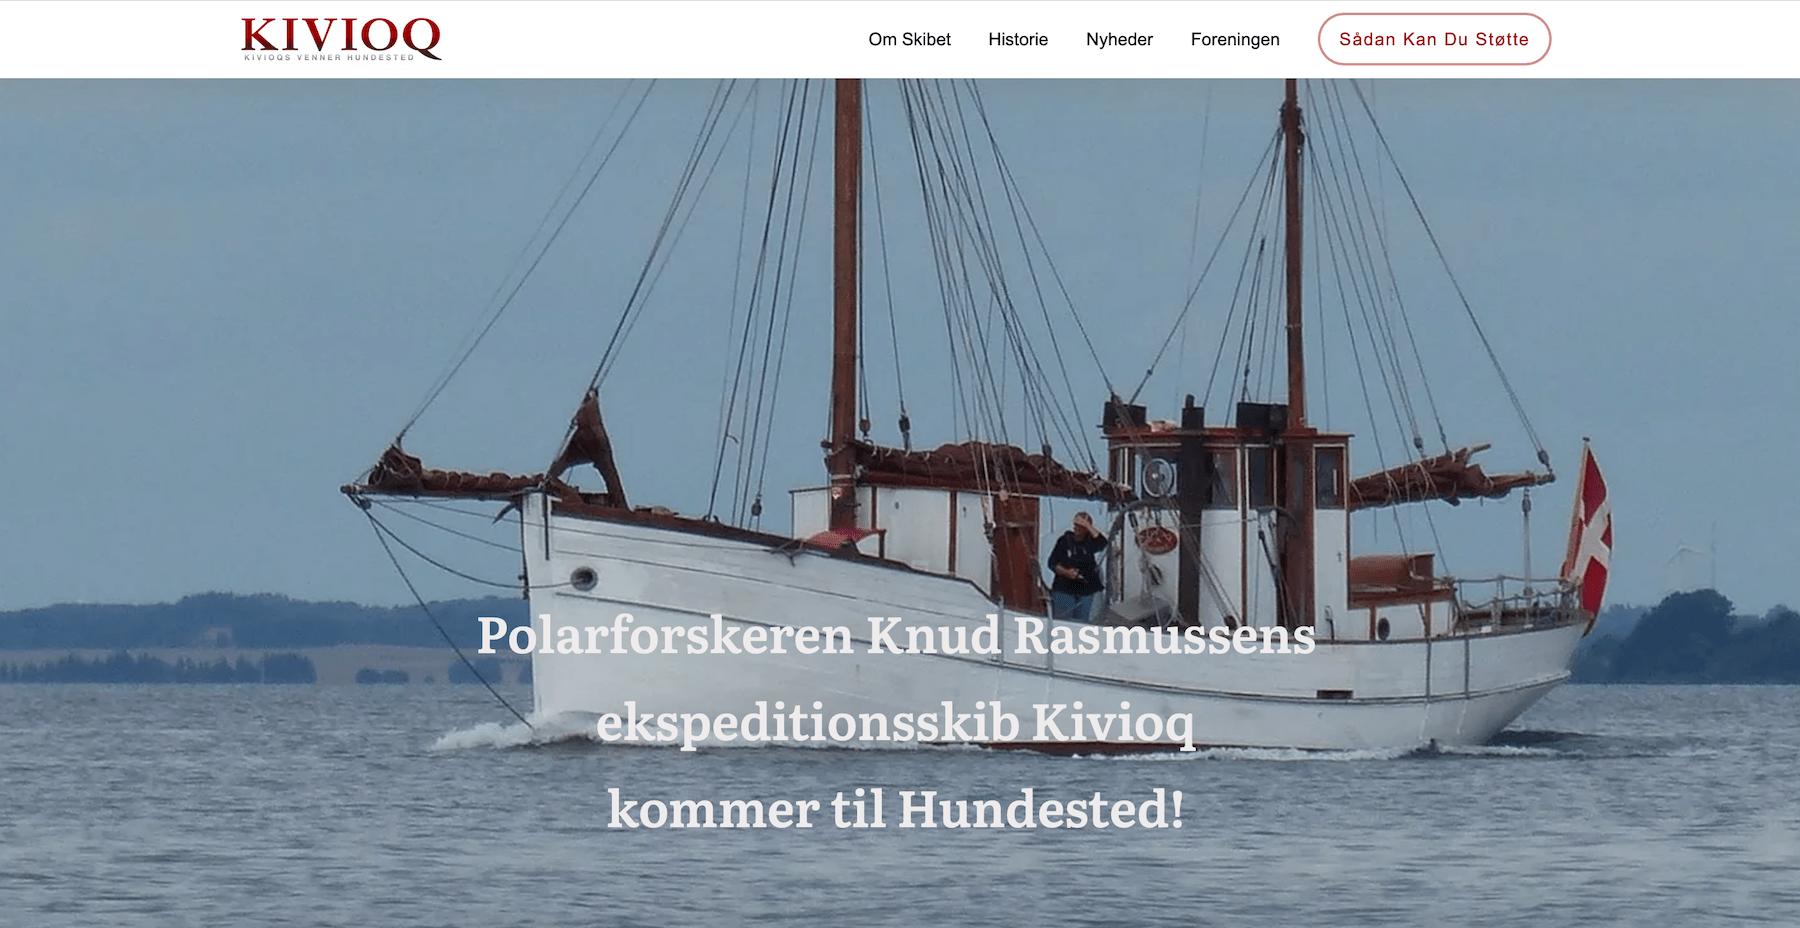 kivioq-hundested-dot-dk